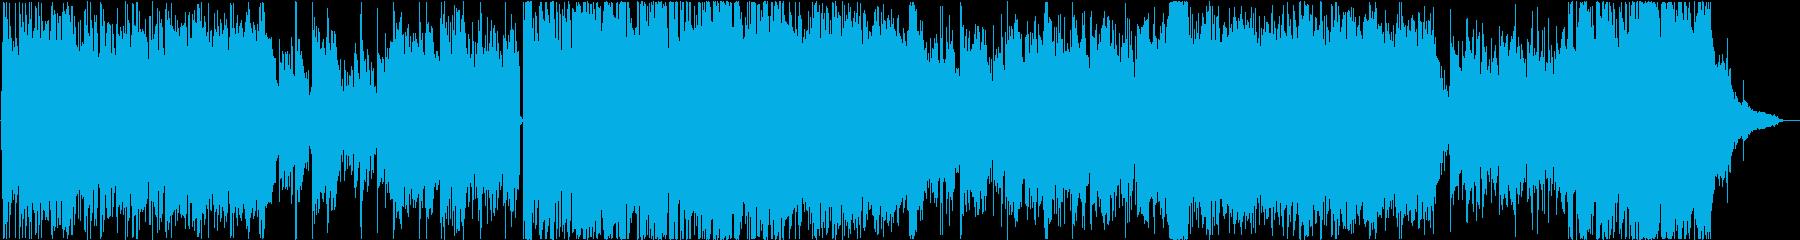 ビートが印象的なバラードの再生済みの波形